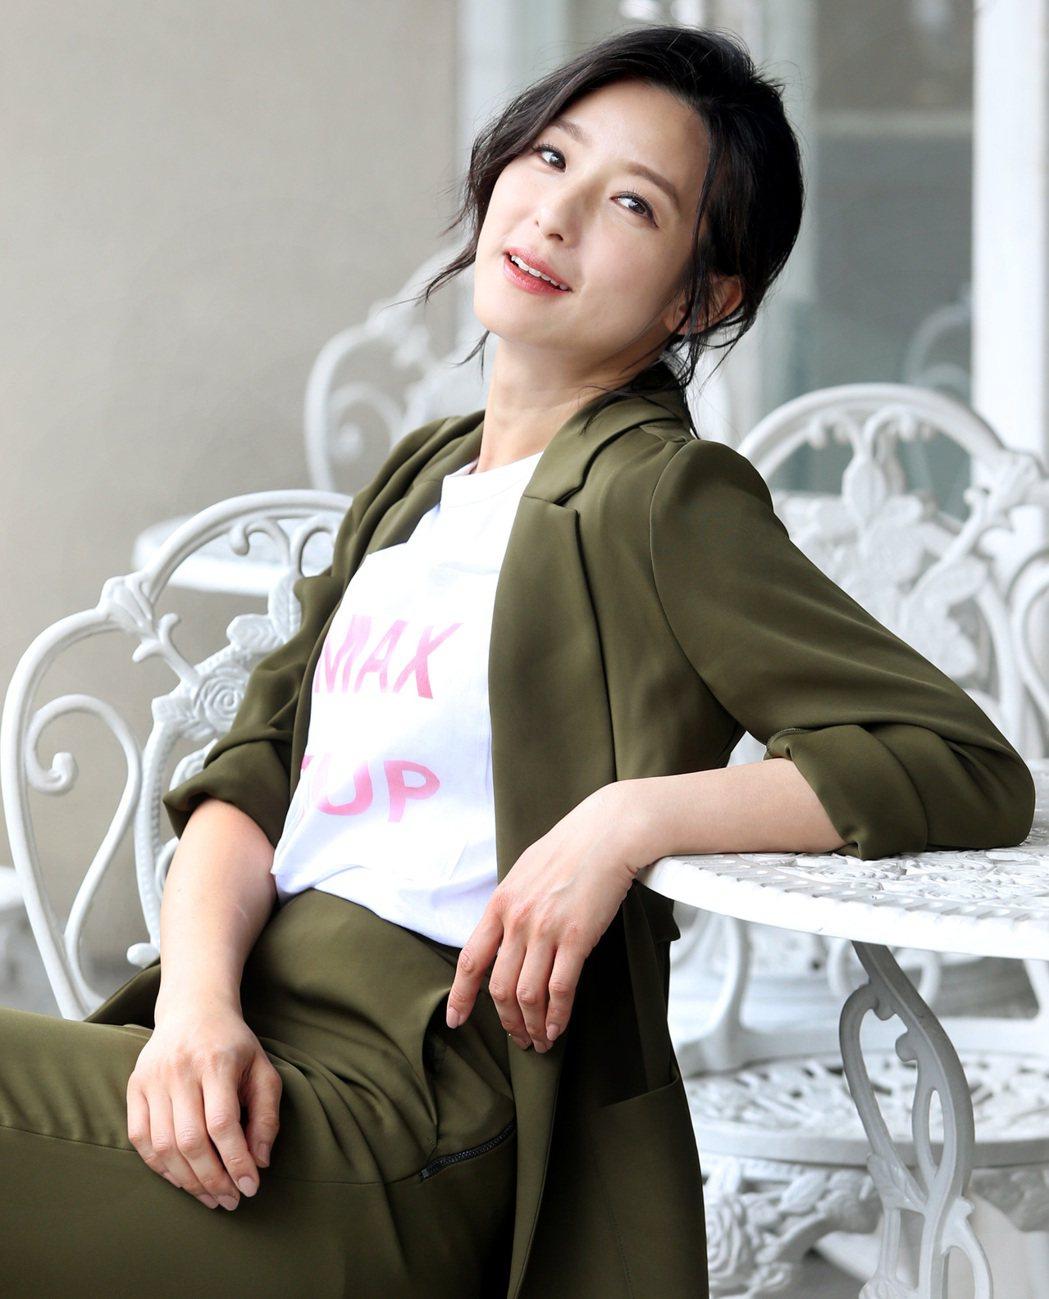 「逃出立法院」女主角賴雅妍一改氣質形象,化身脾氣爆燥的國會女神。記者侯永全/攝影